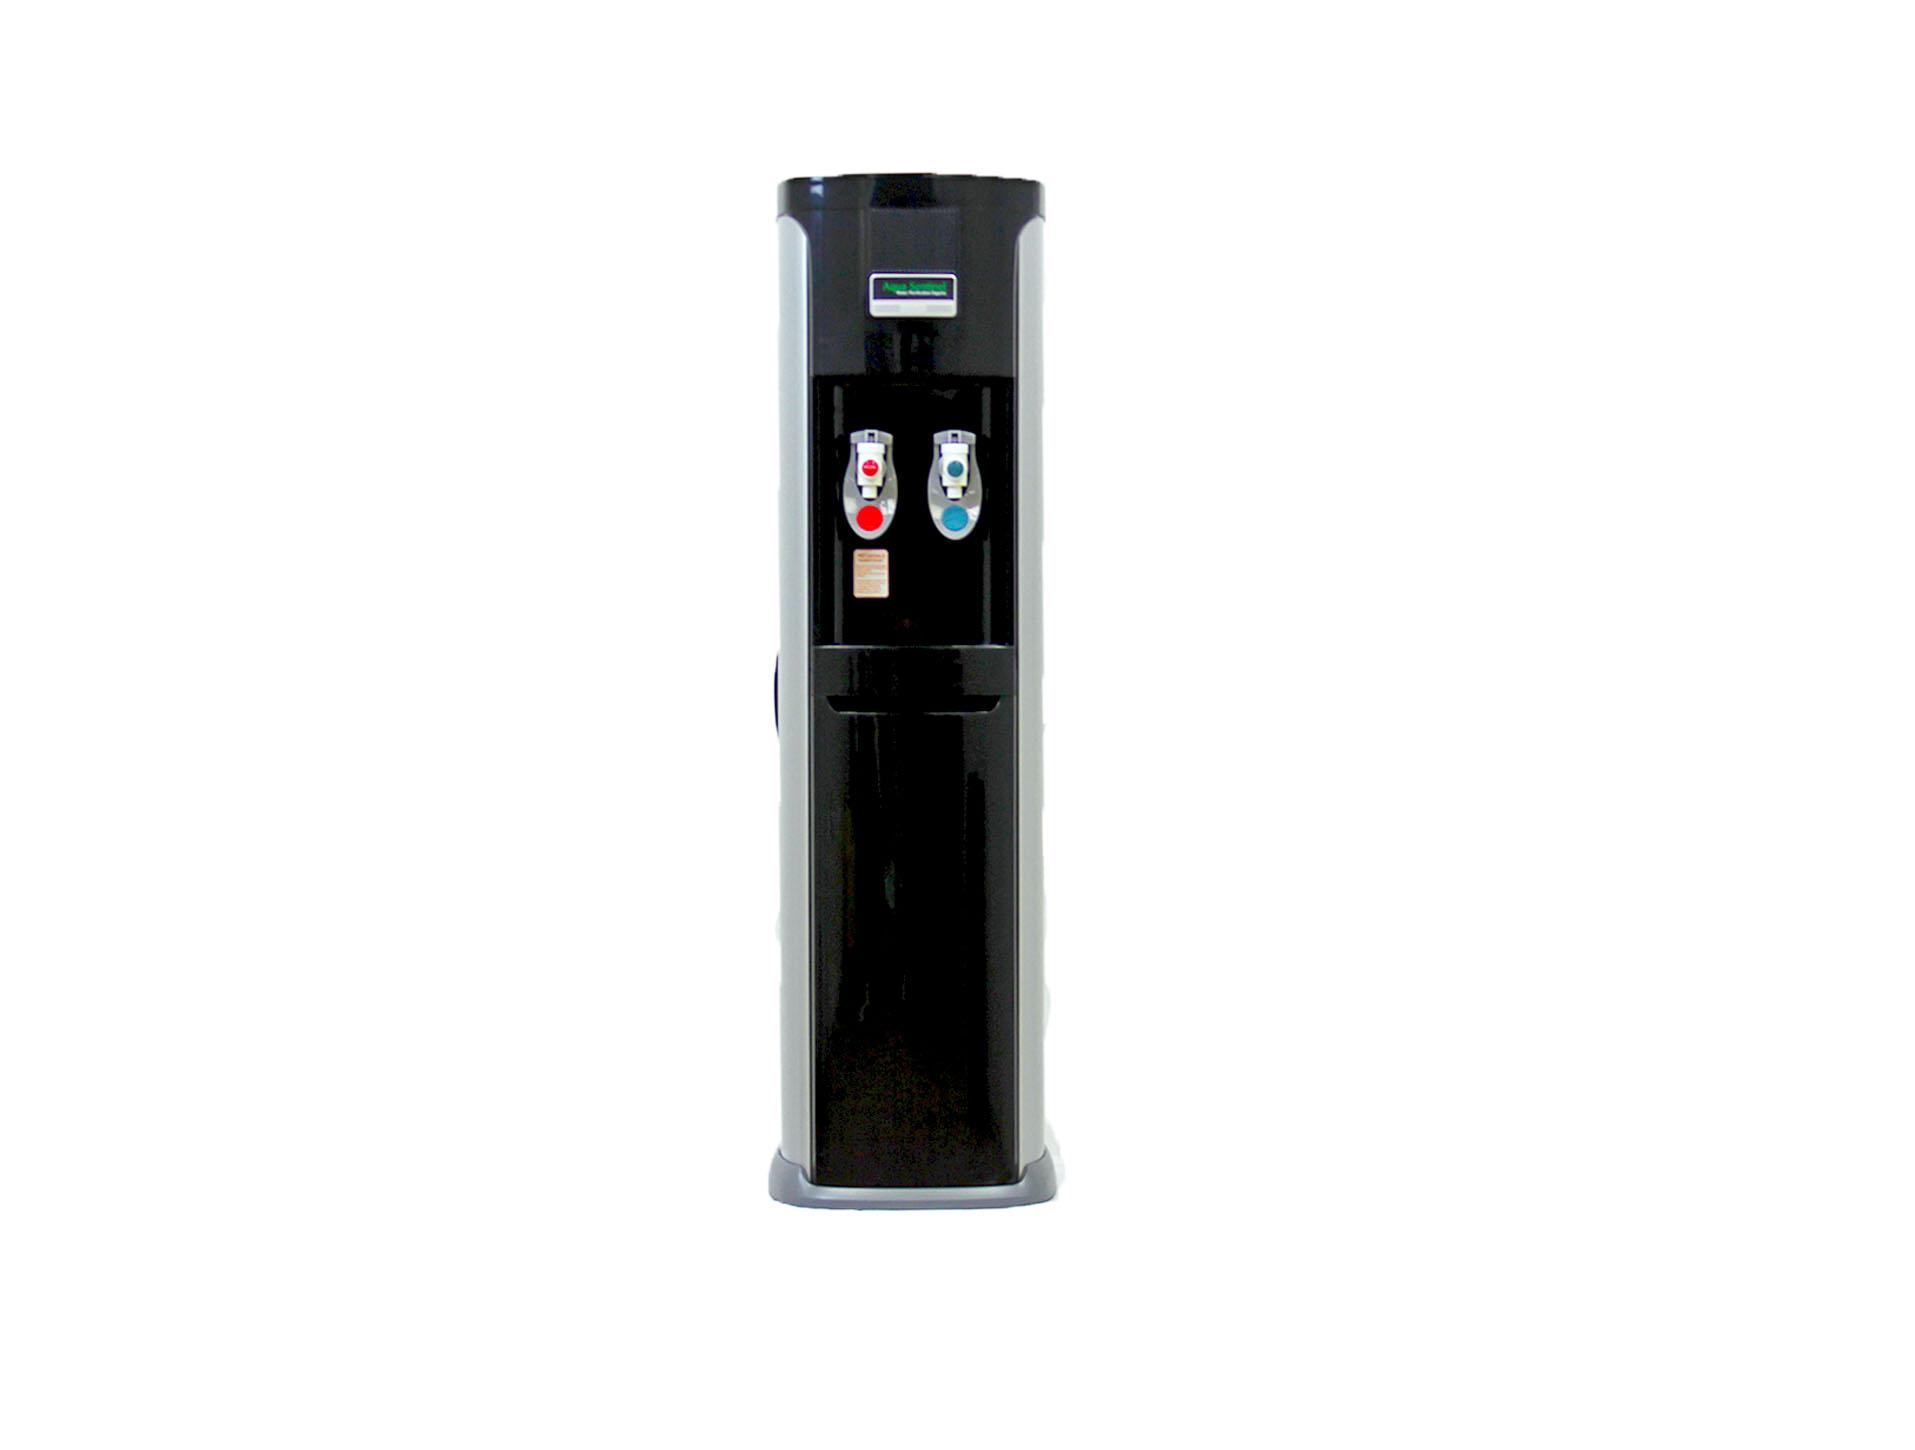 Free Standing Bottleless Water Cooler New.jpg